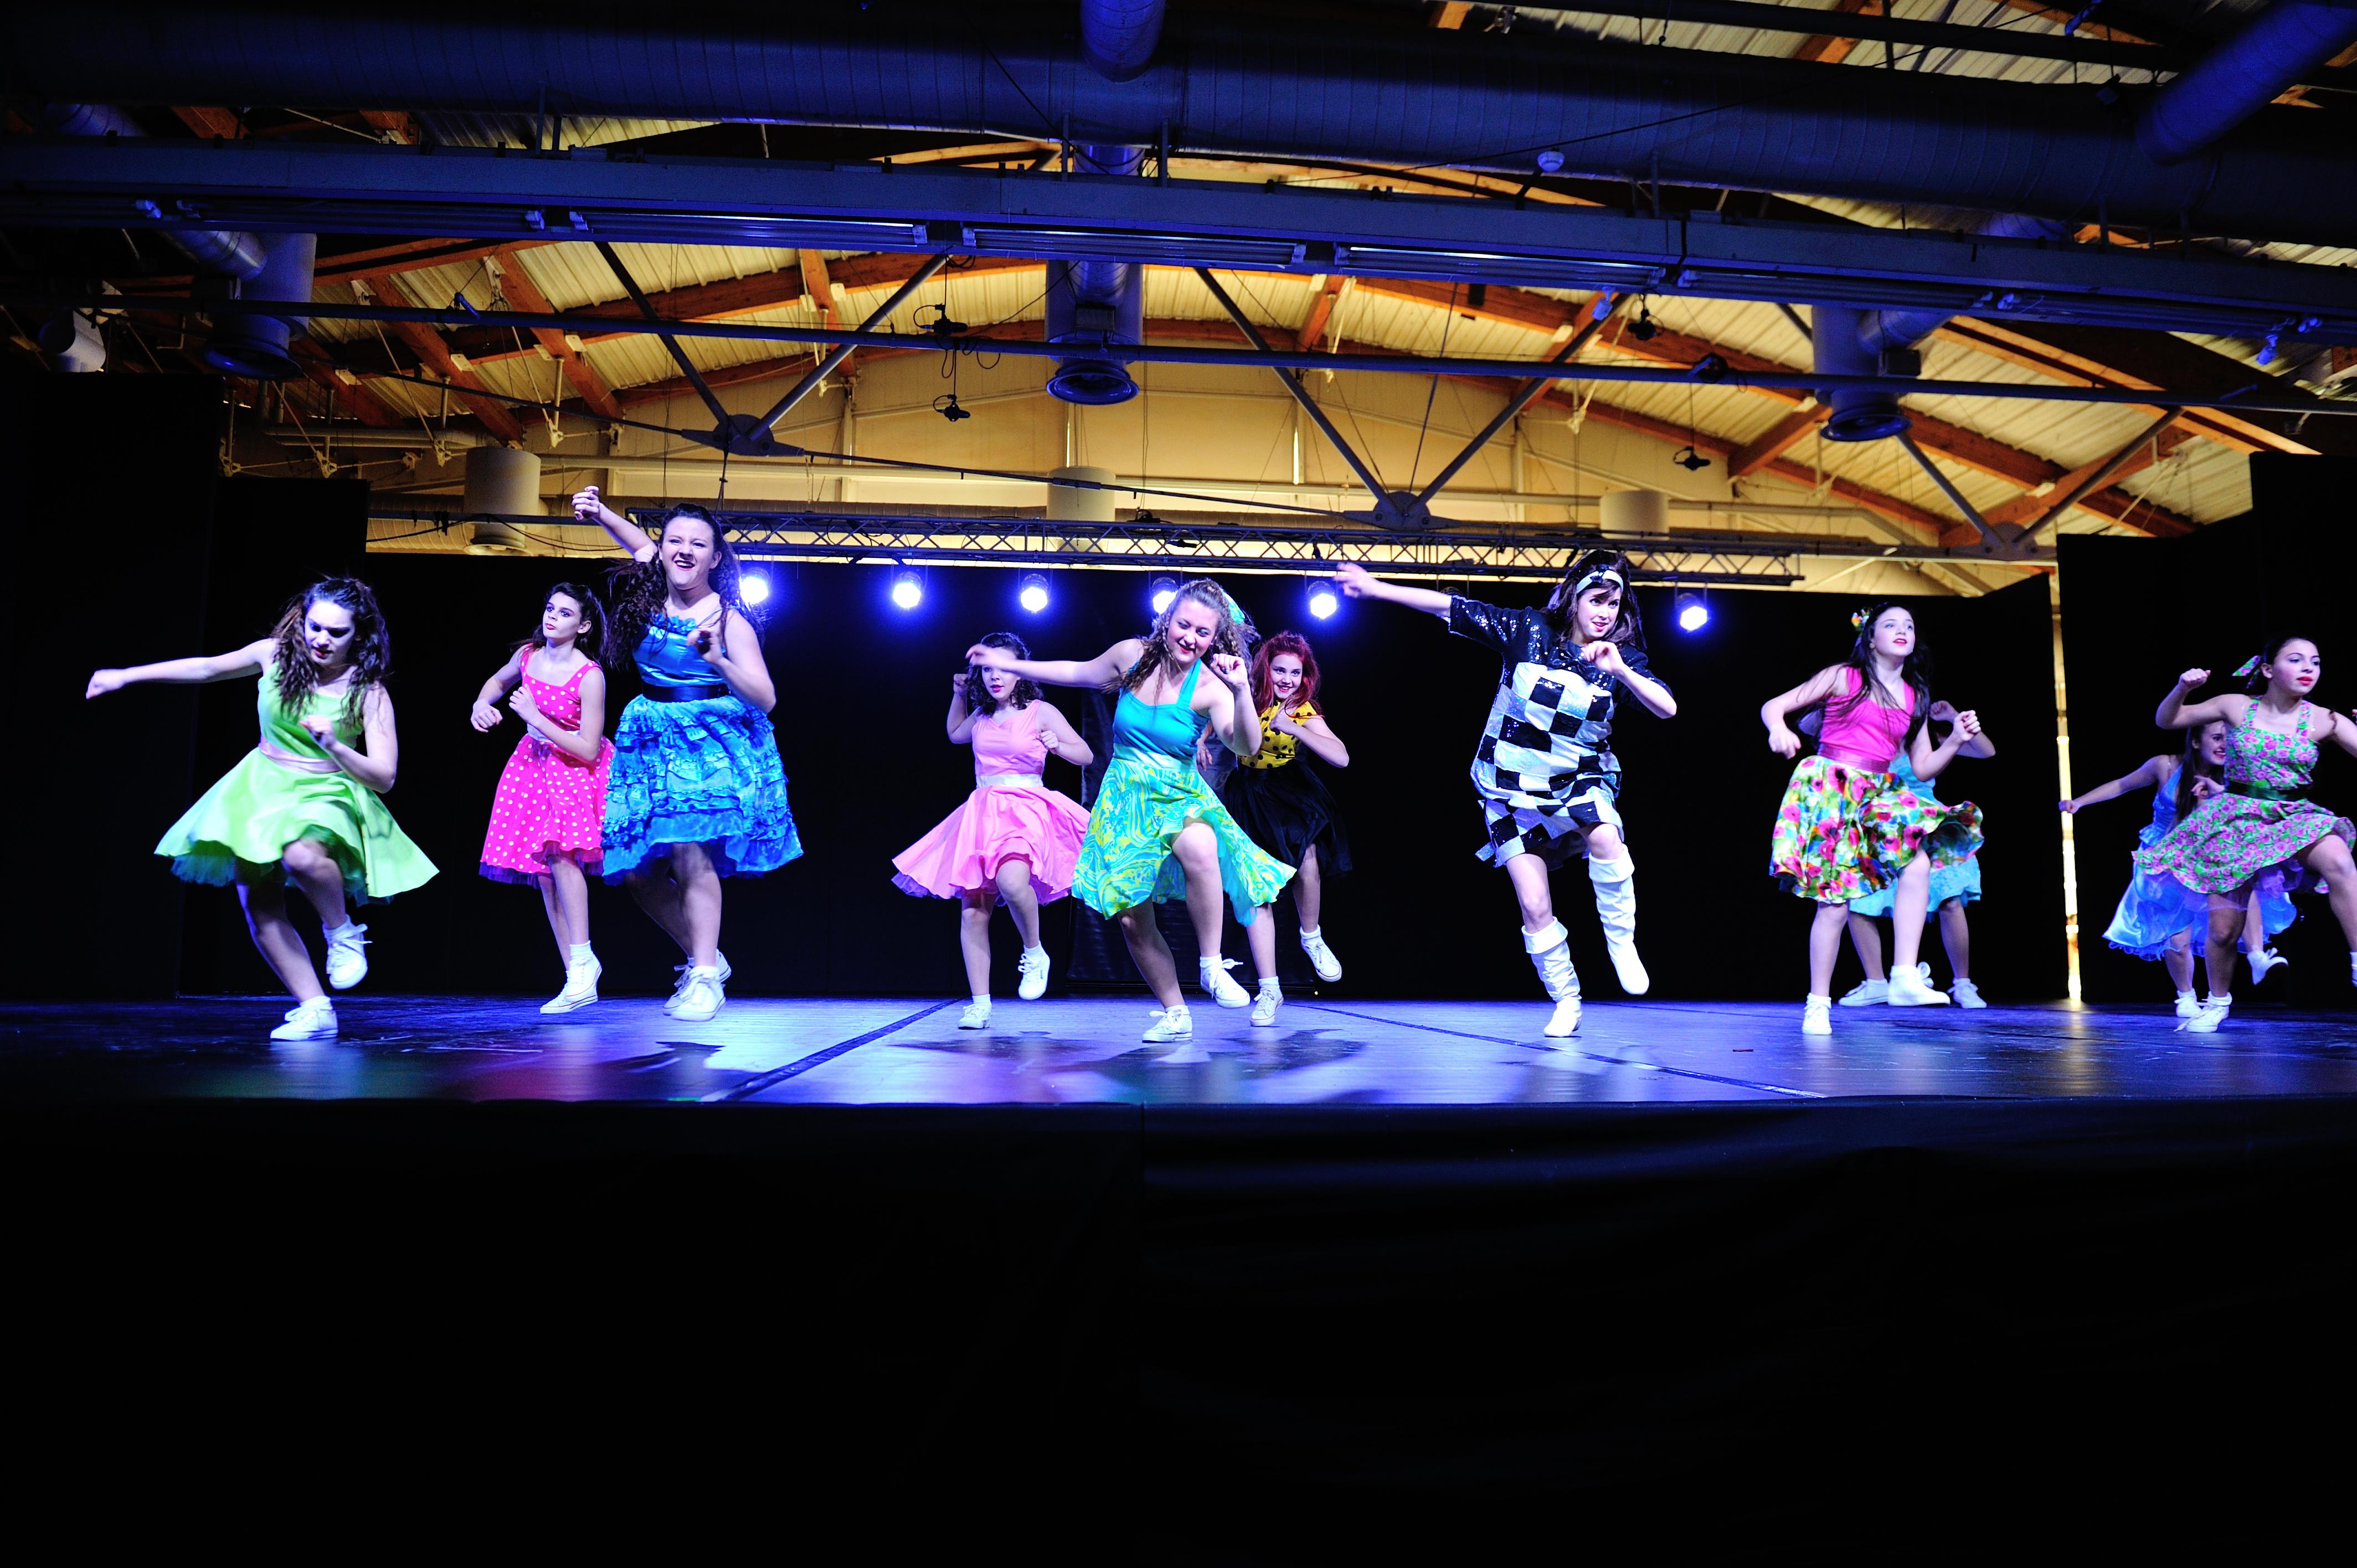 Concorsi, casting e audizioni: i talenti si incontrano a Danzainfiera 2016